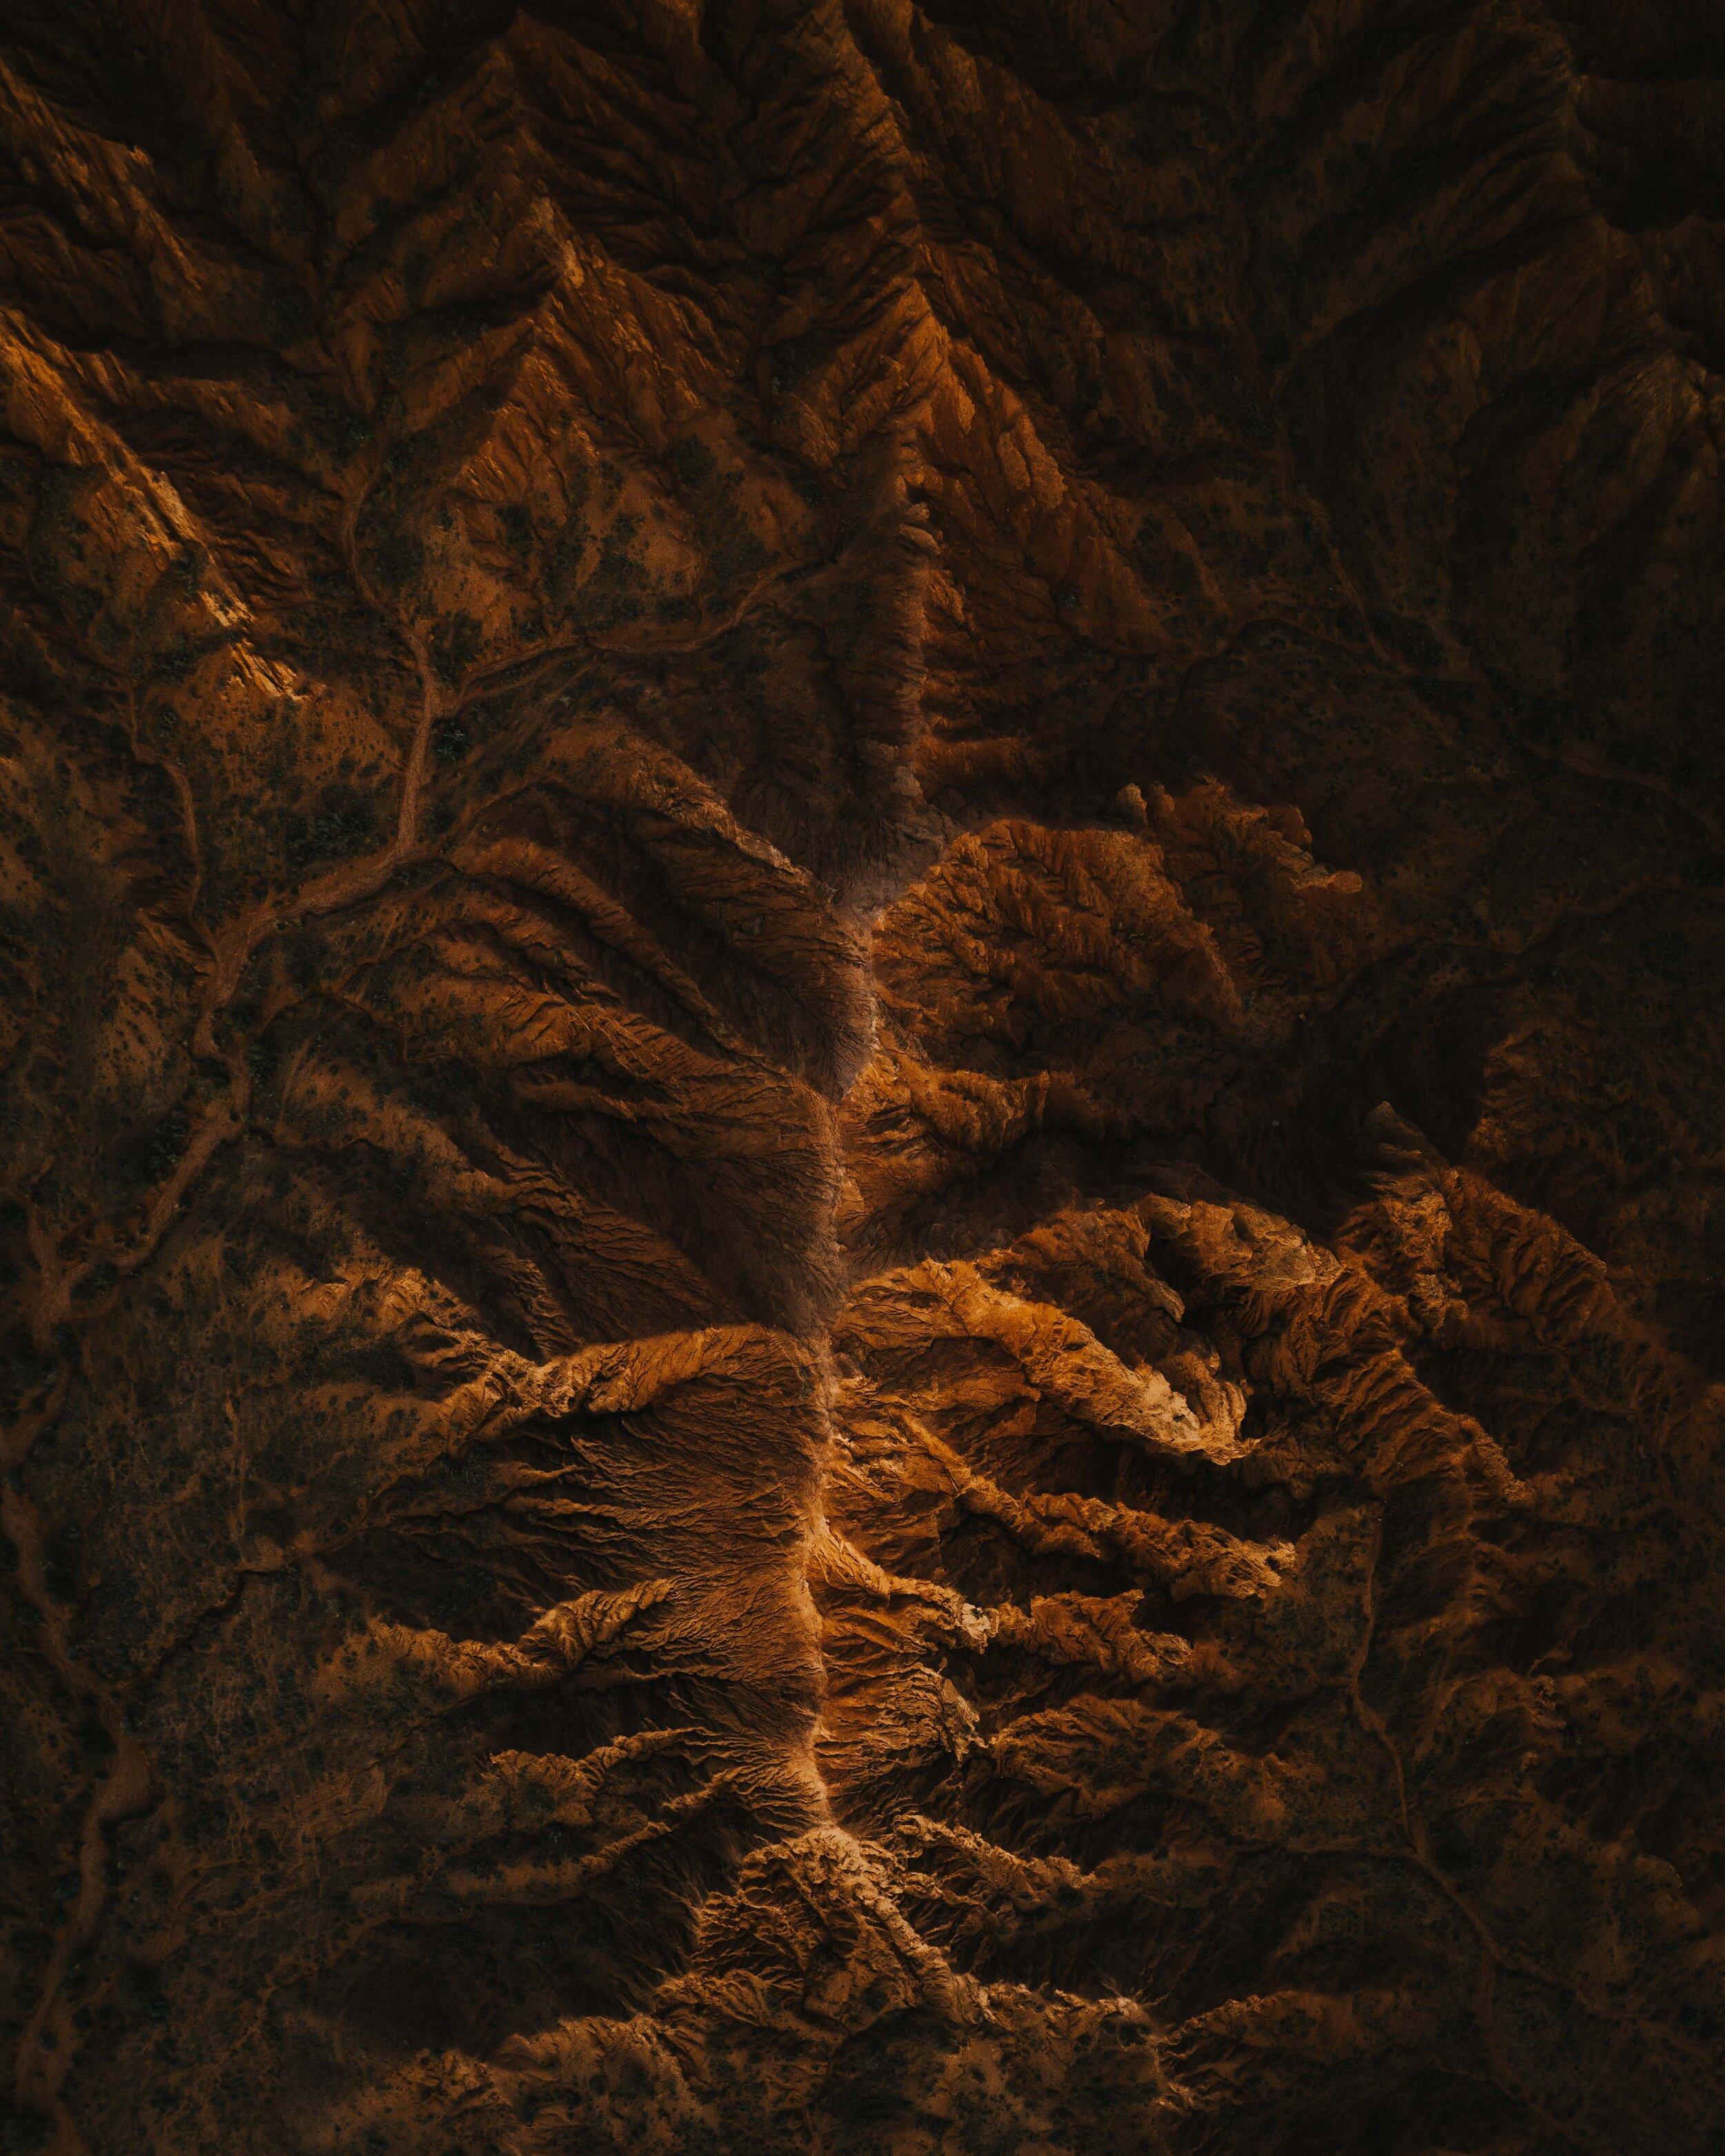 DroneCanyonKyrgyzstan.jpg